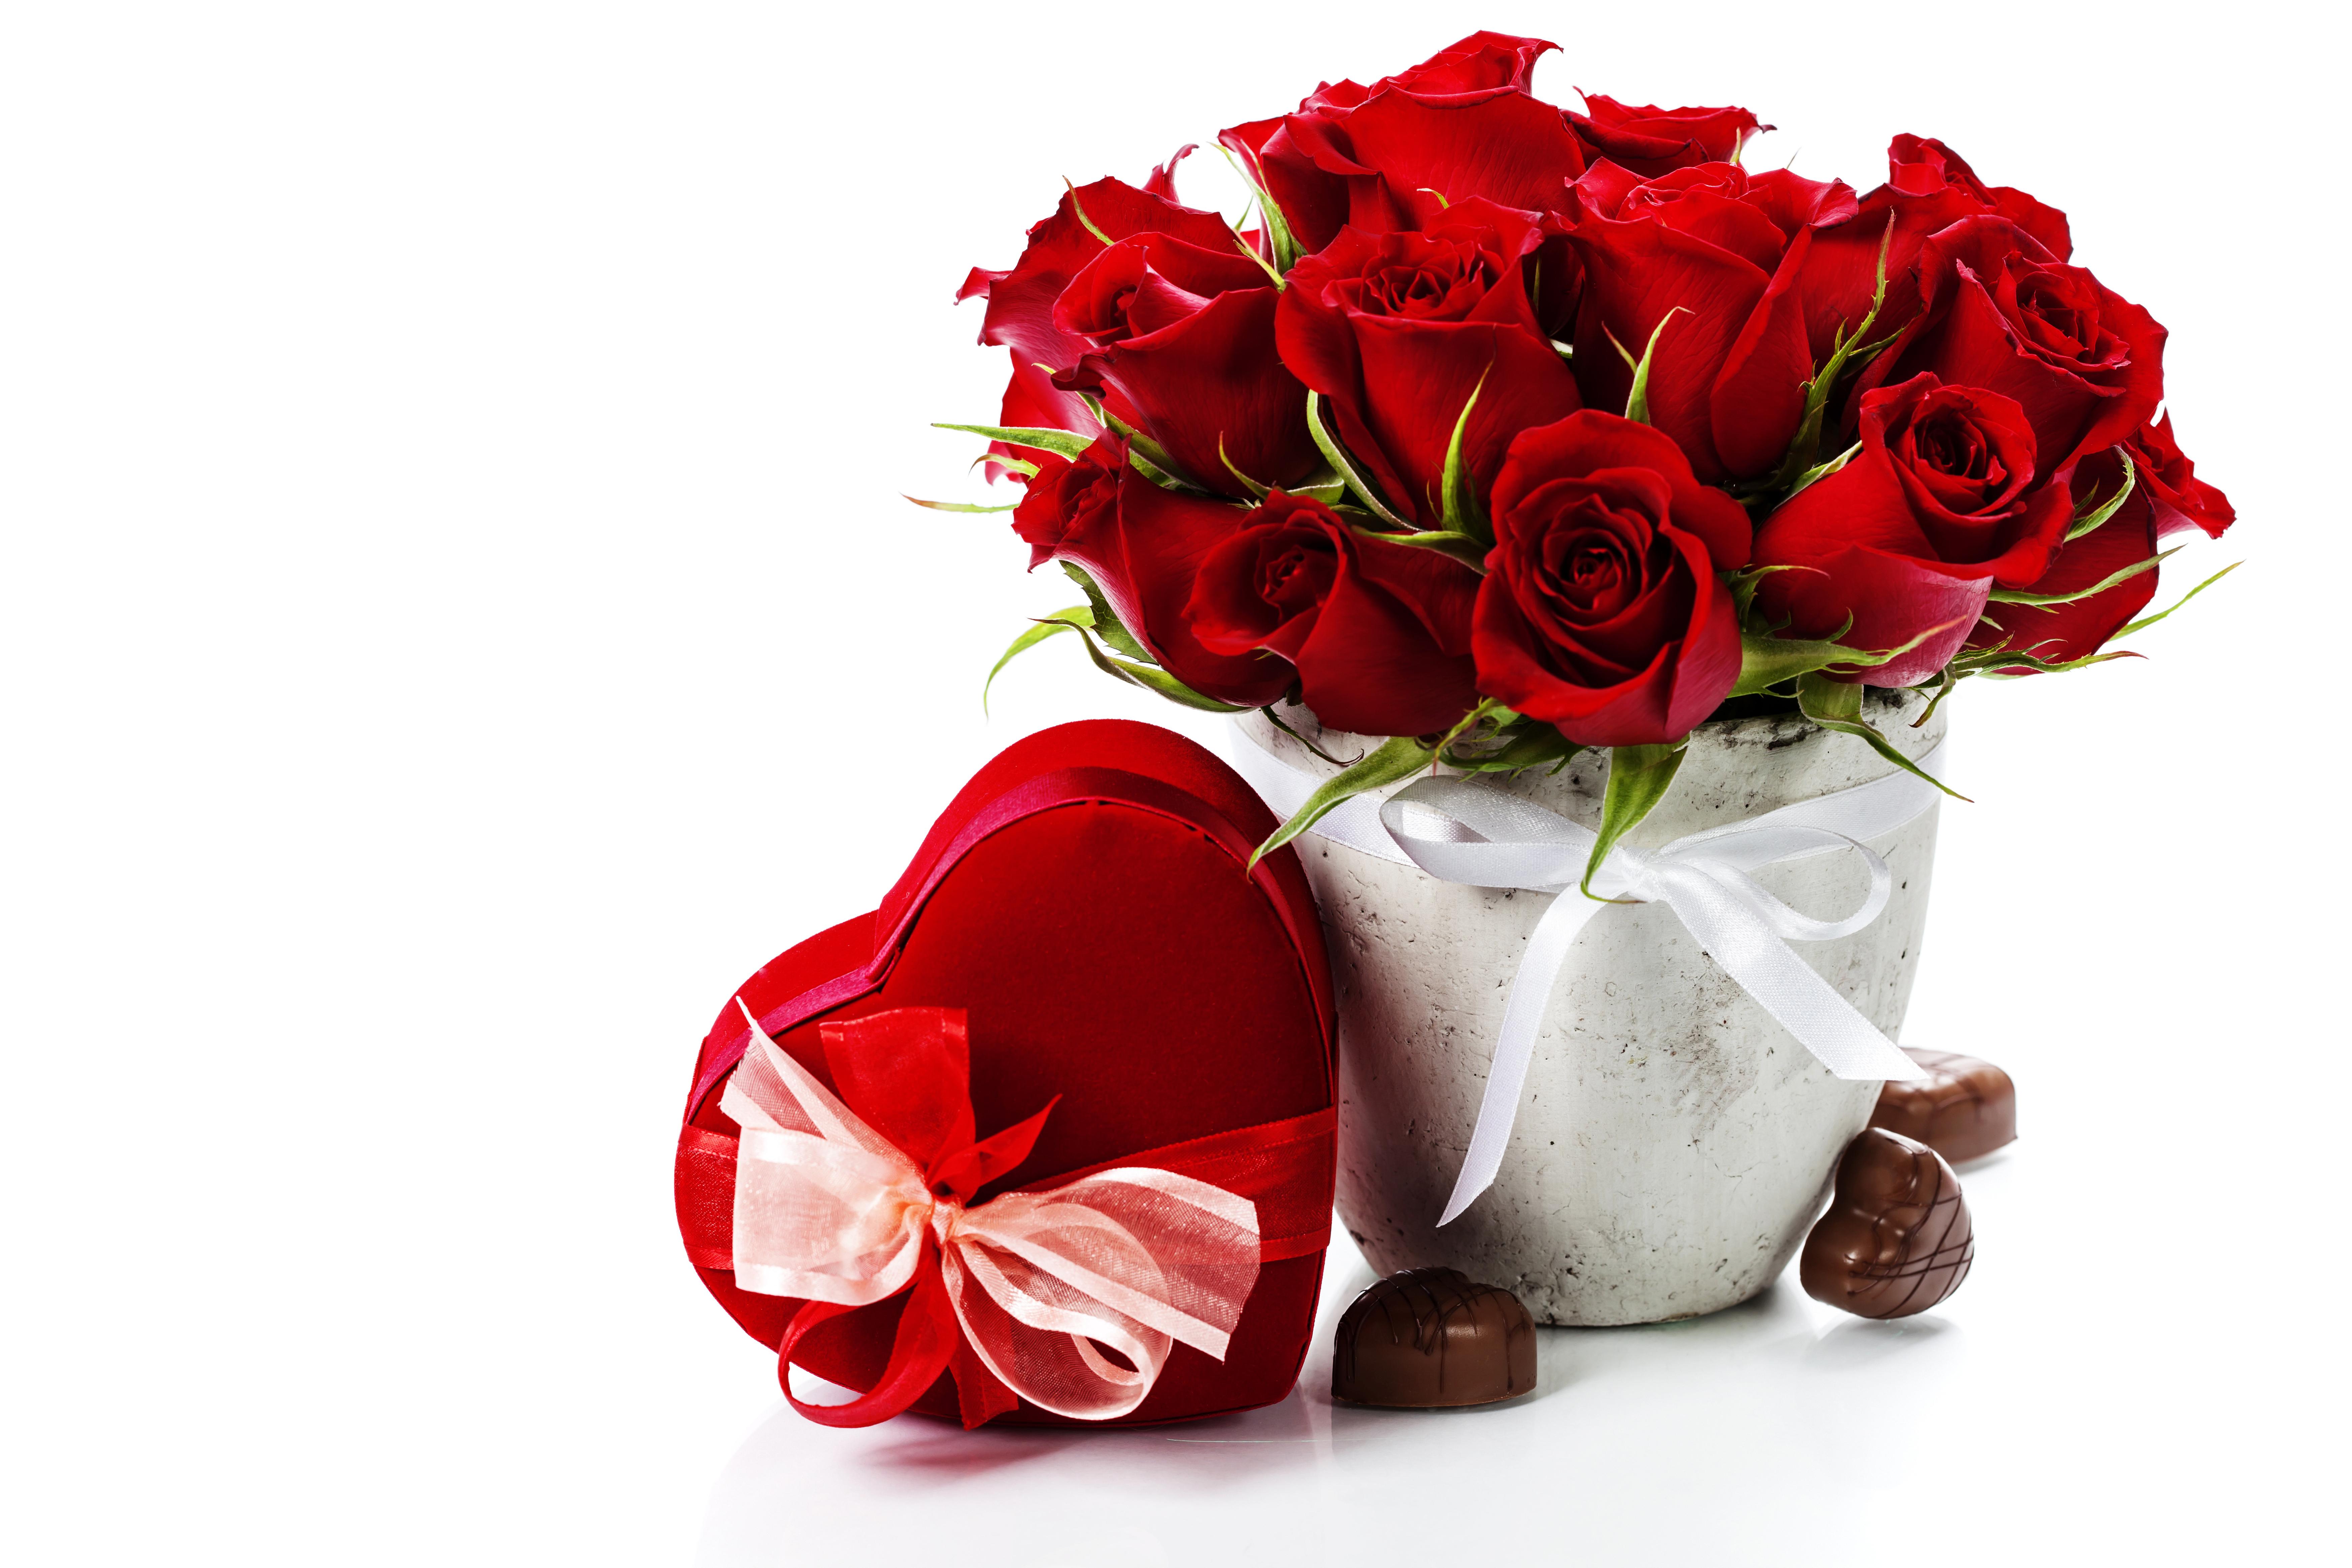 розы,упаковка,букет,праздник  № 759846 загрузить